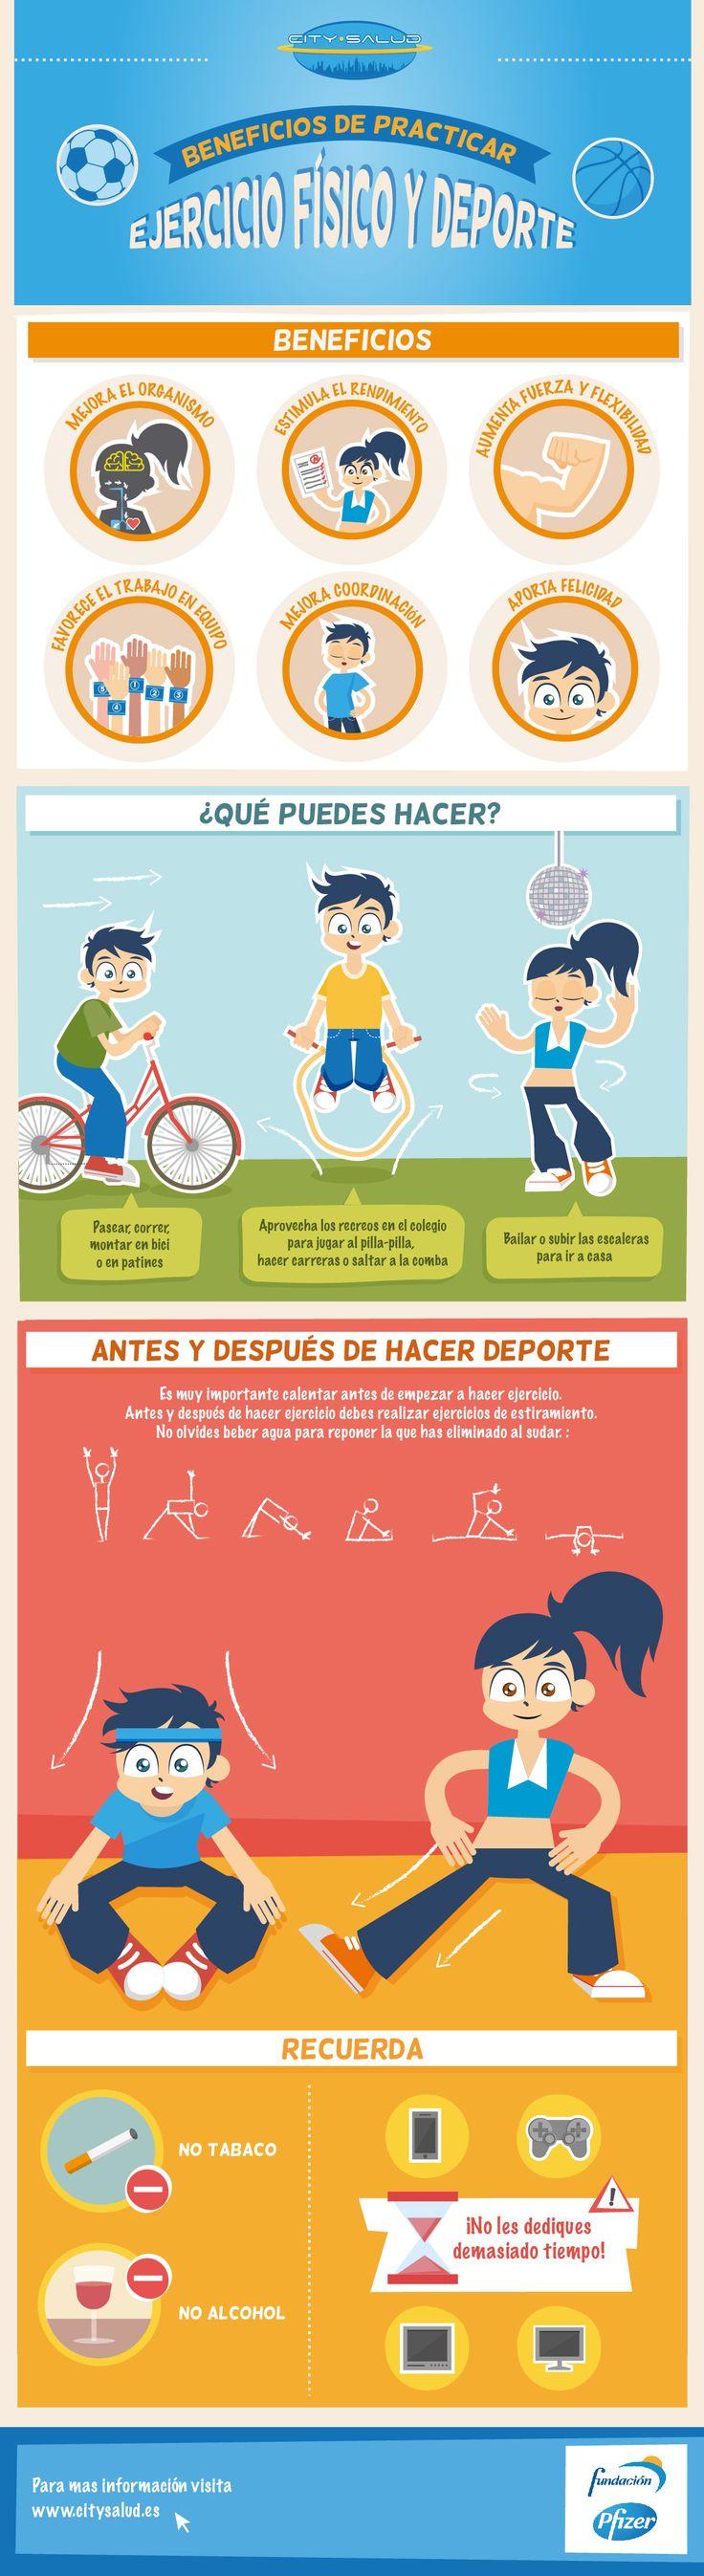 City Salud. Infografía: Actividad física